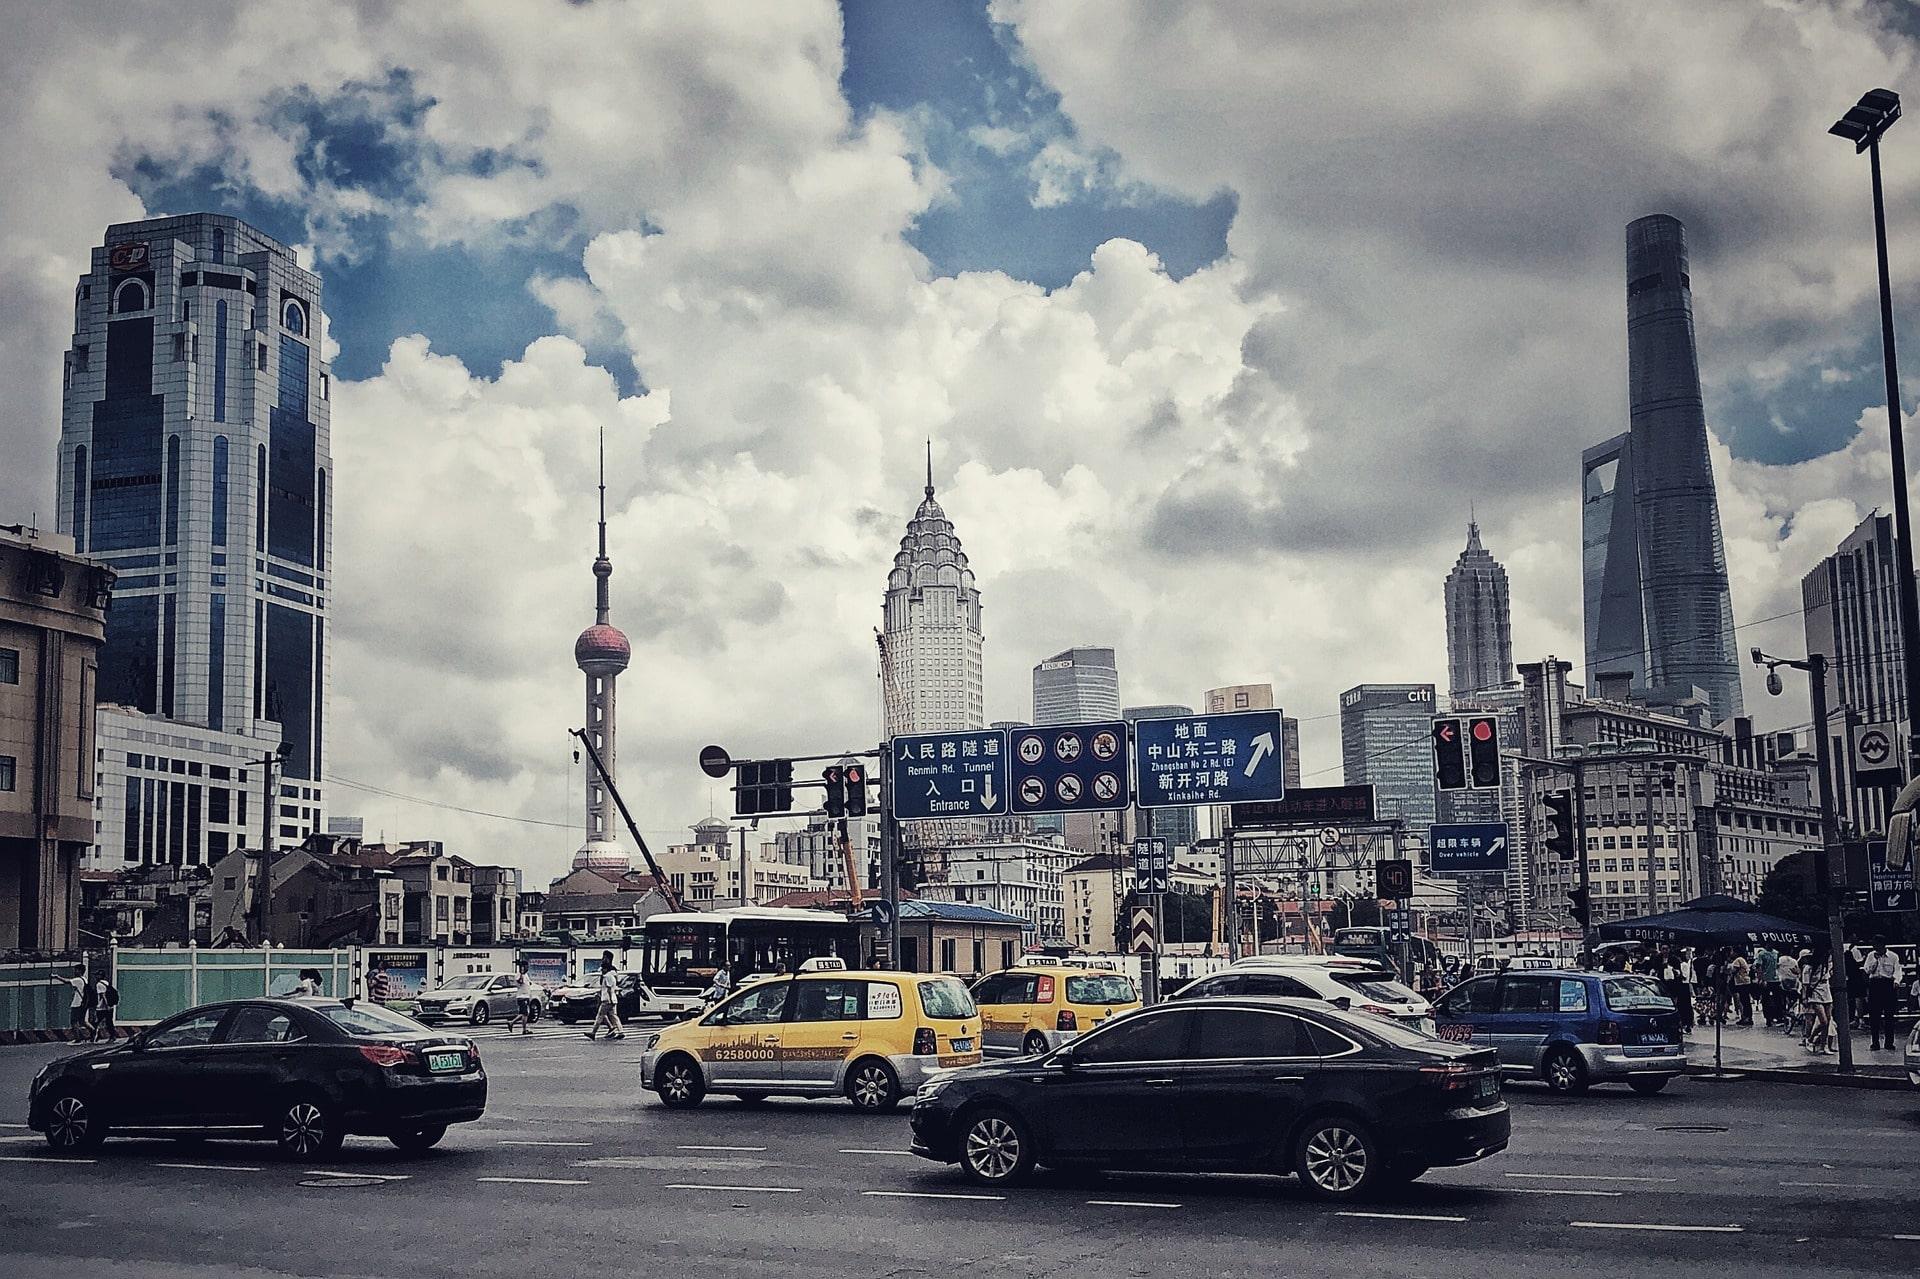 shanghai-4623720_1920-min